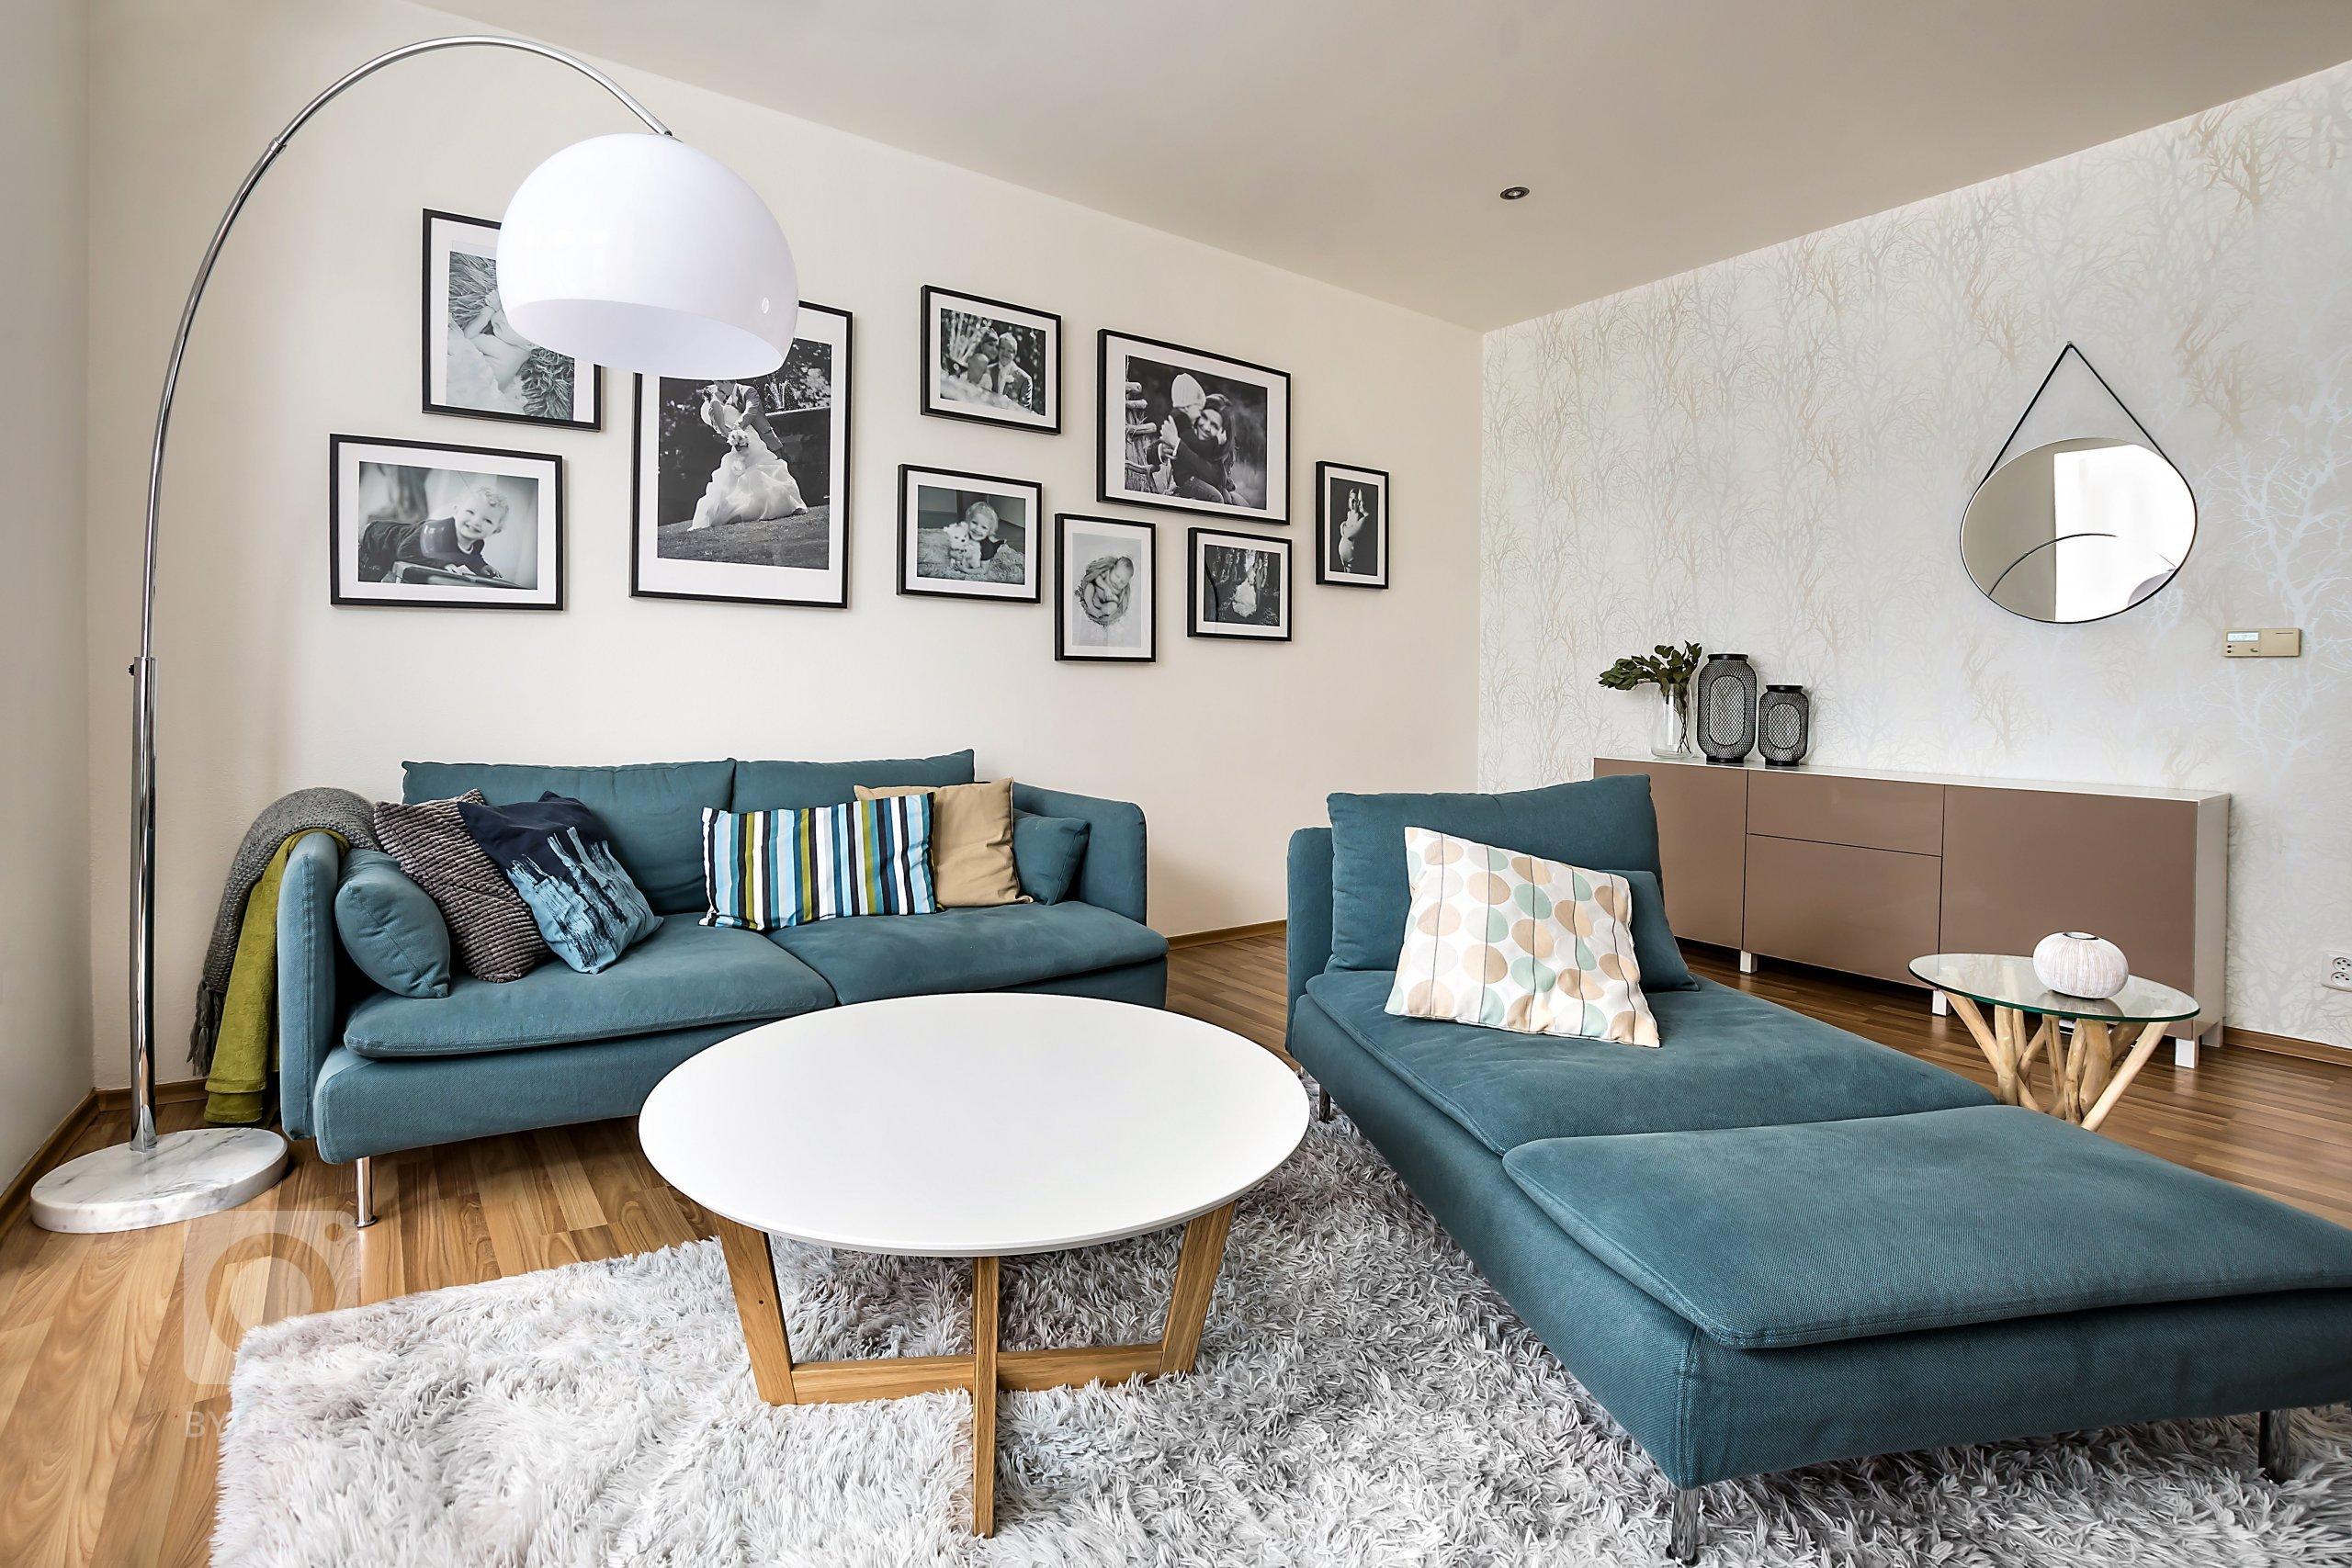 původním přáním majitelů bylo pouze vyměnit sedačku, koberec a skříňky u televize v obývacím pokoji... Nakonec jsme úplně obrátili dispozici pokoje, což u…